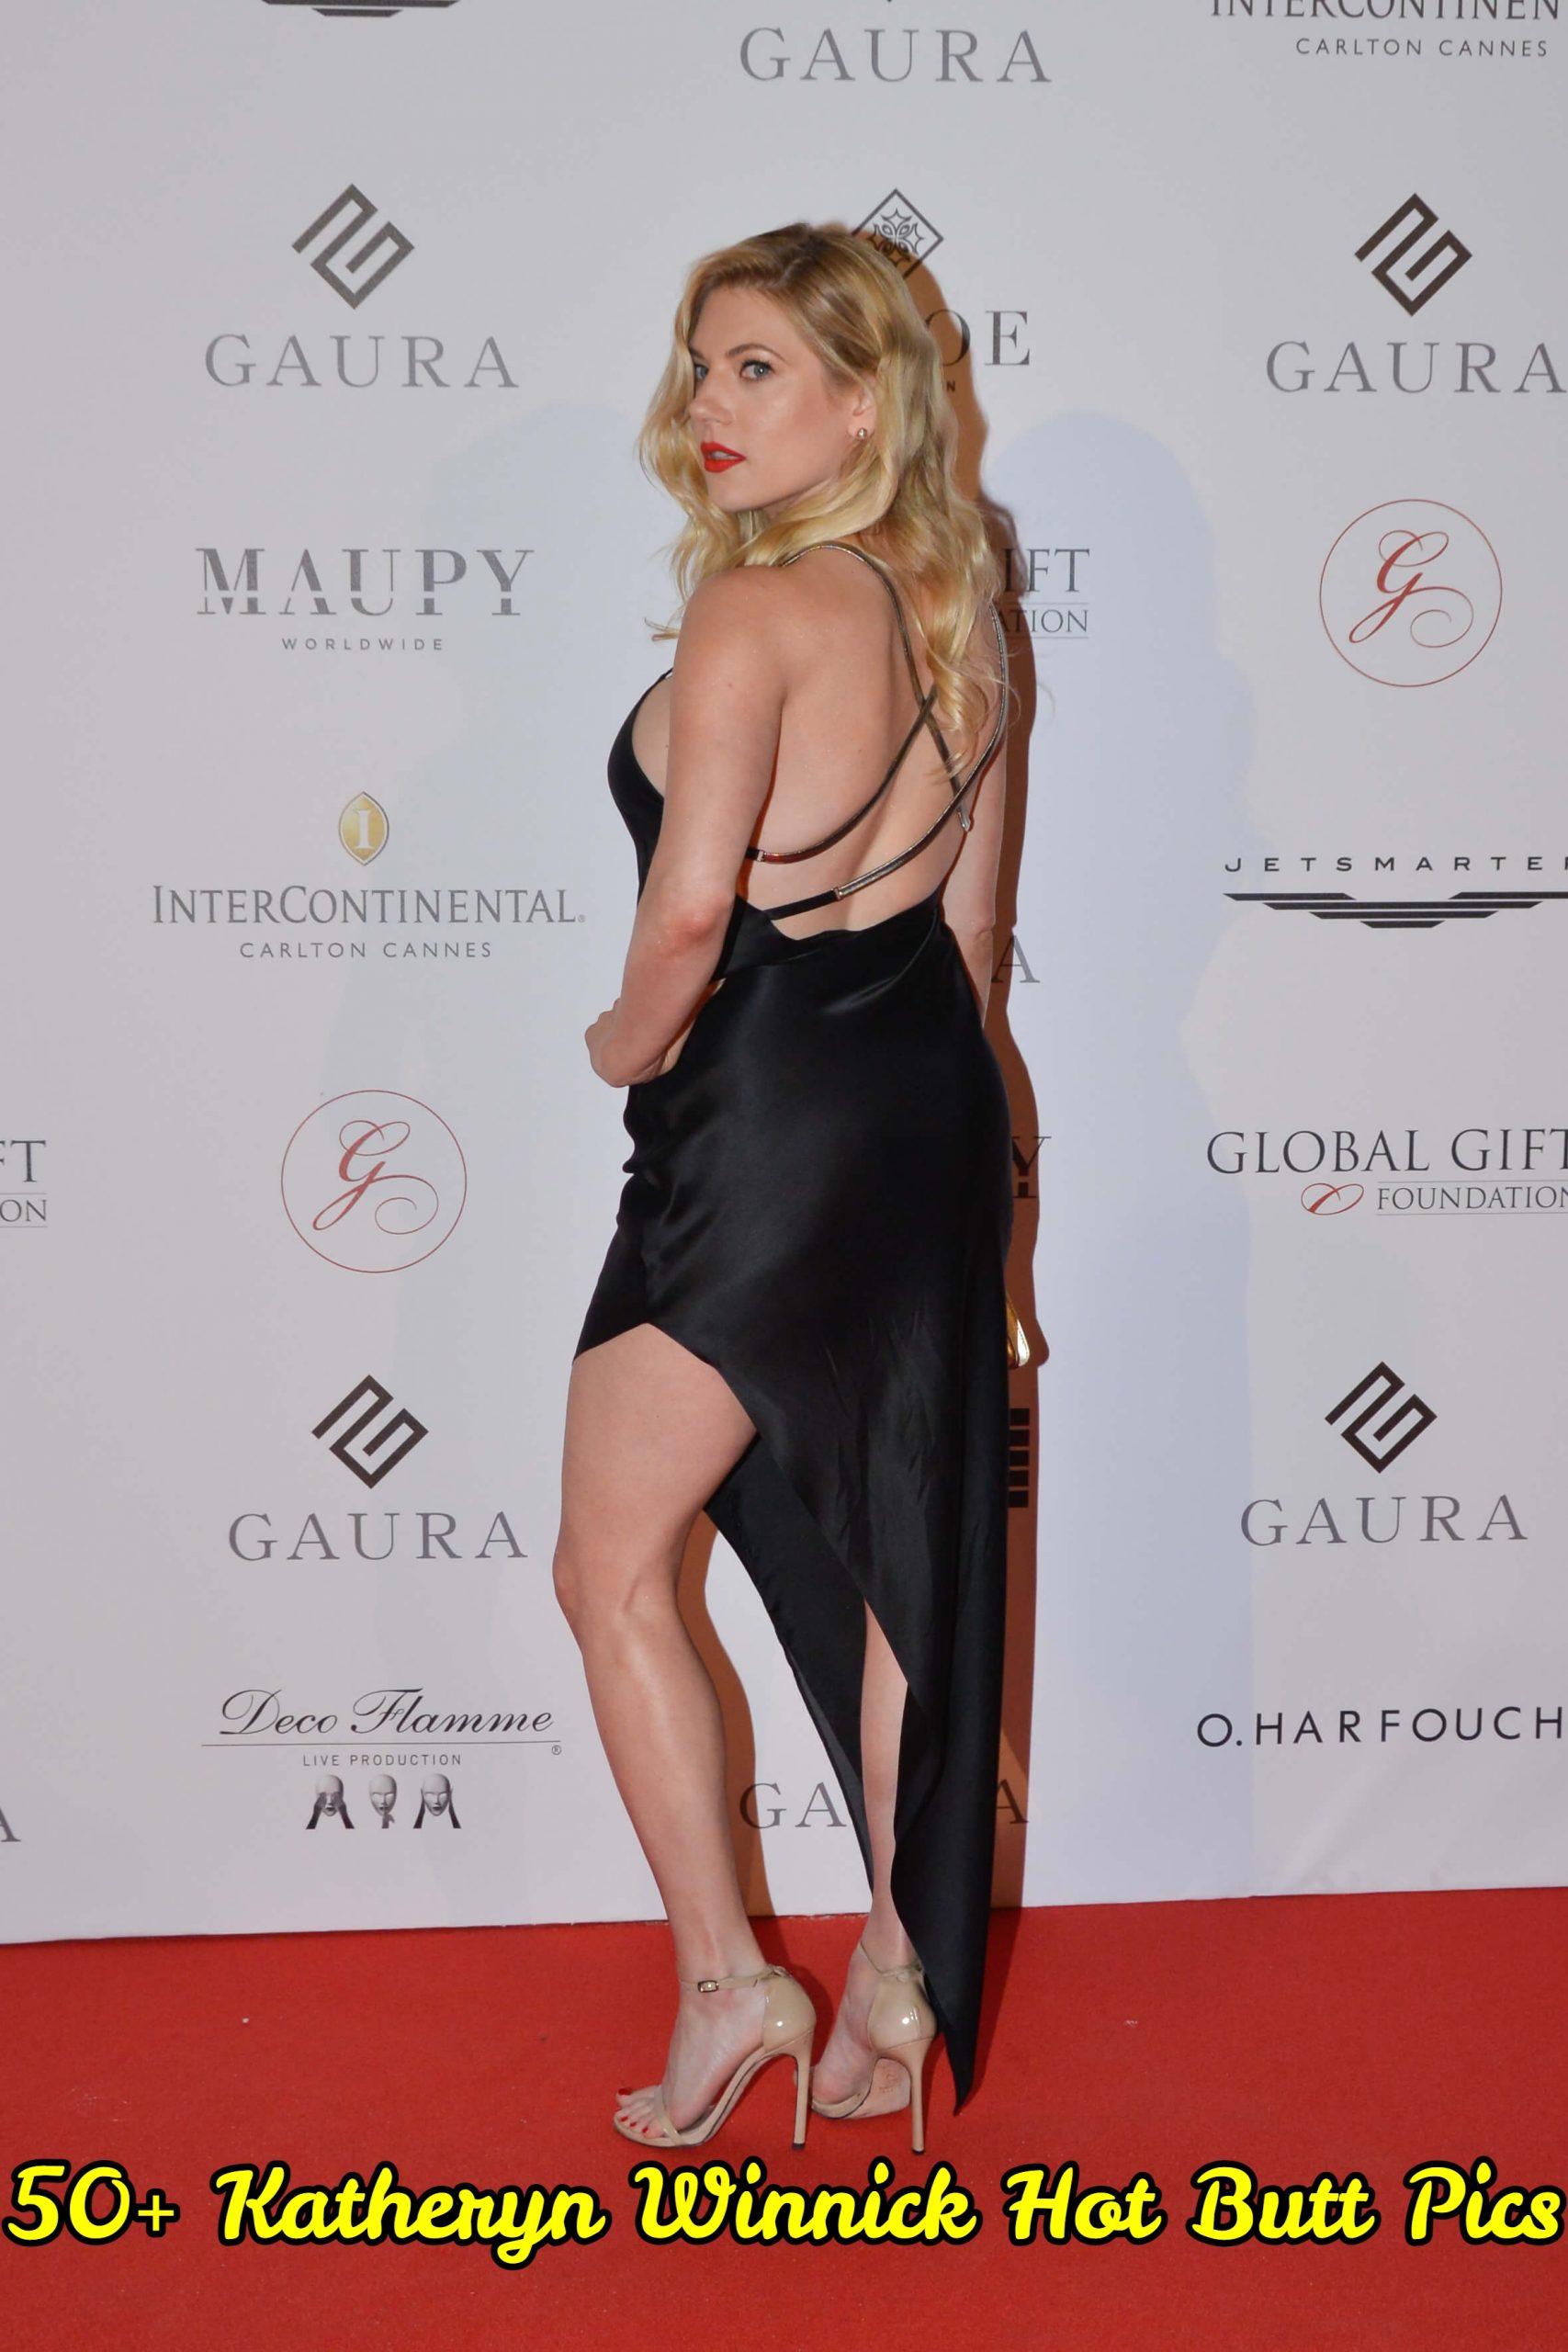 Hot katheryn pics winnick Maria Sharapova